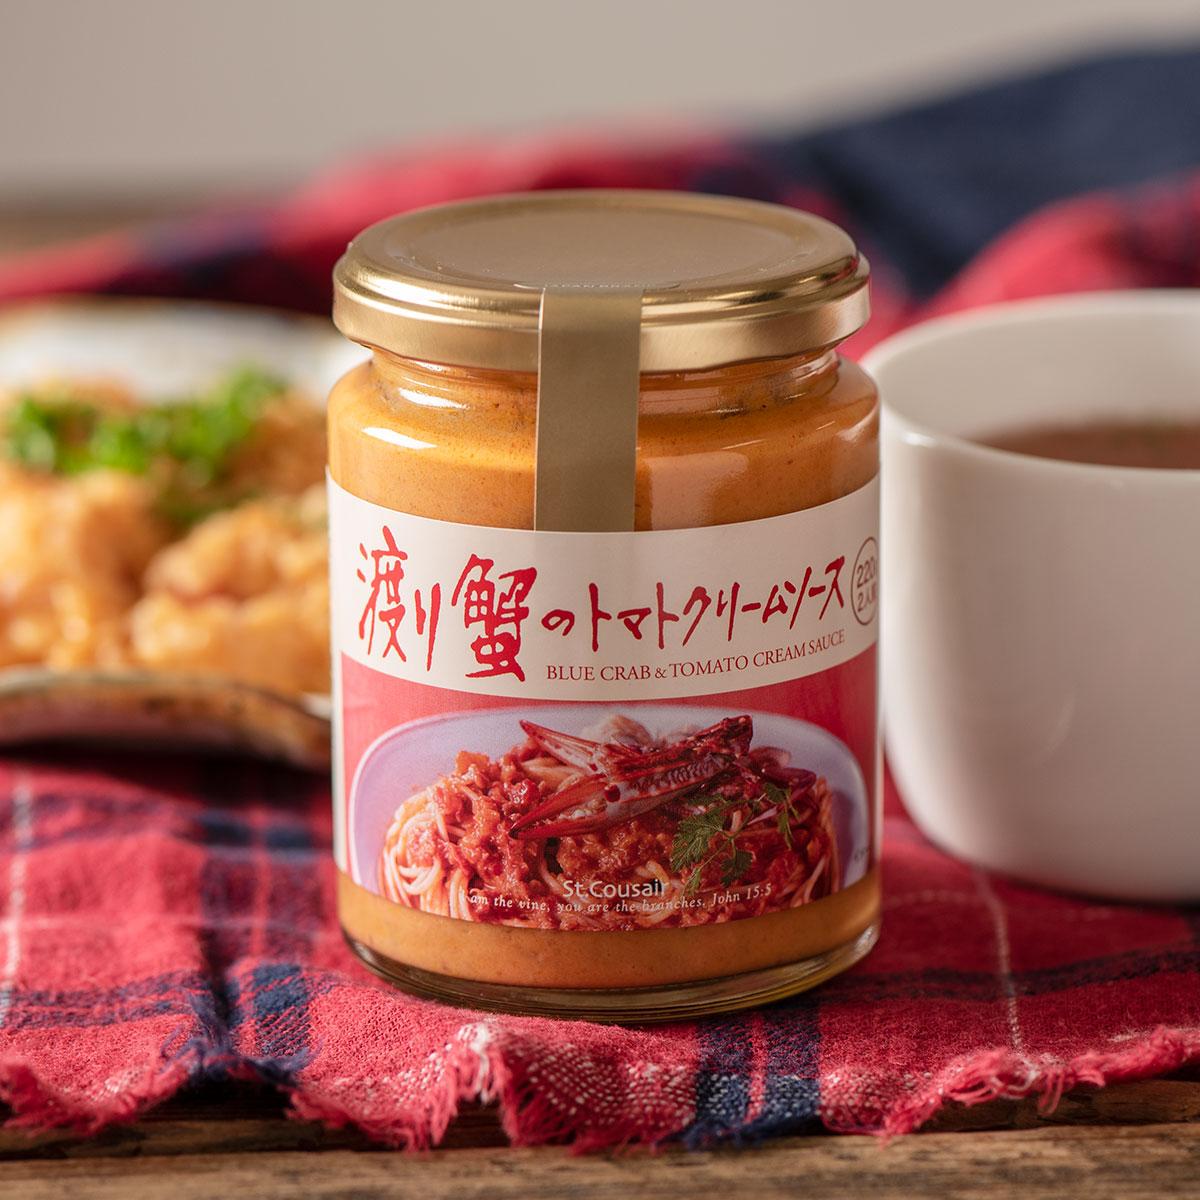 渡り蟹の旨味が広がる 濃厚なお味をお楽しみください 渡り蟹のトマトクリームソース220g 5☆大好評 限定Special Price